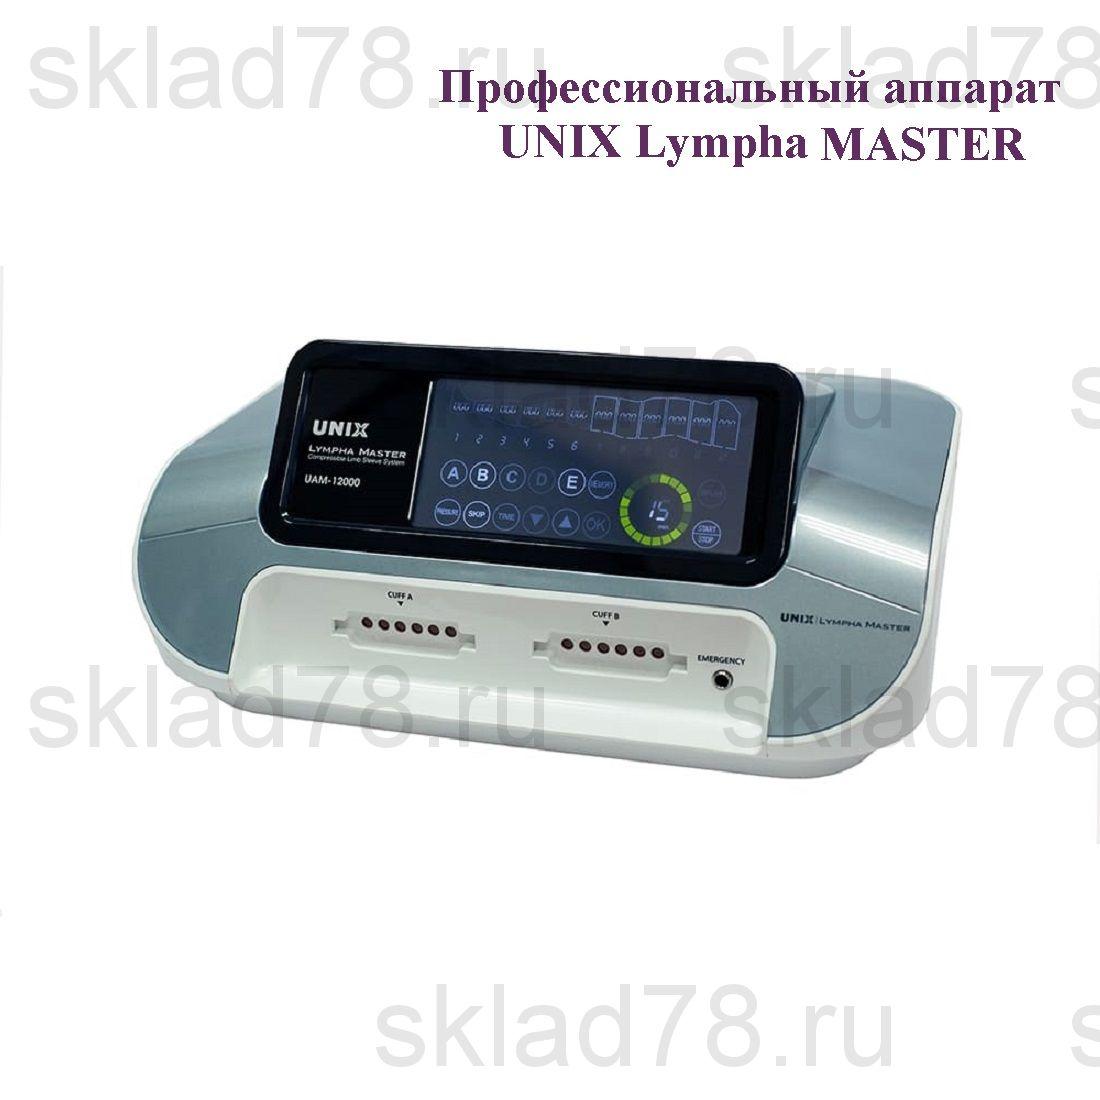 UNIX LYMPHA MASTER комплект «Аппарат»